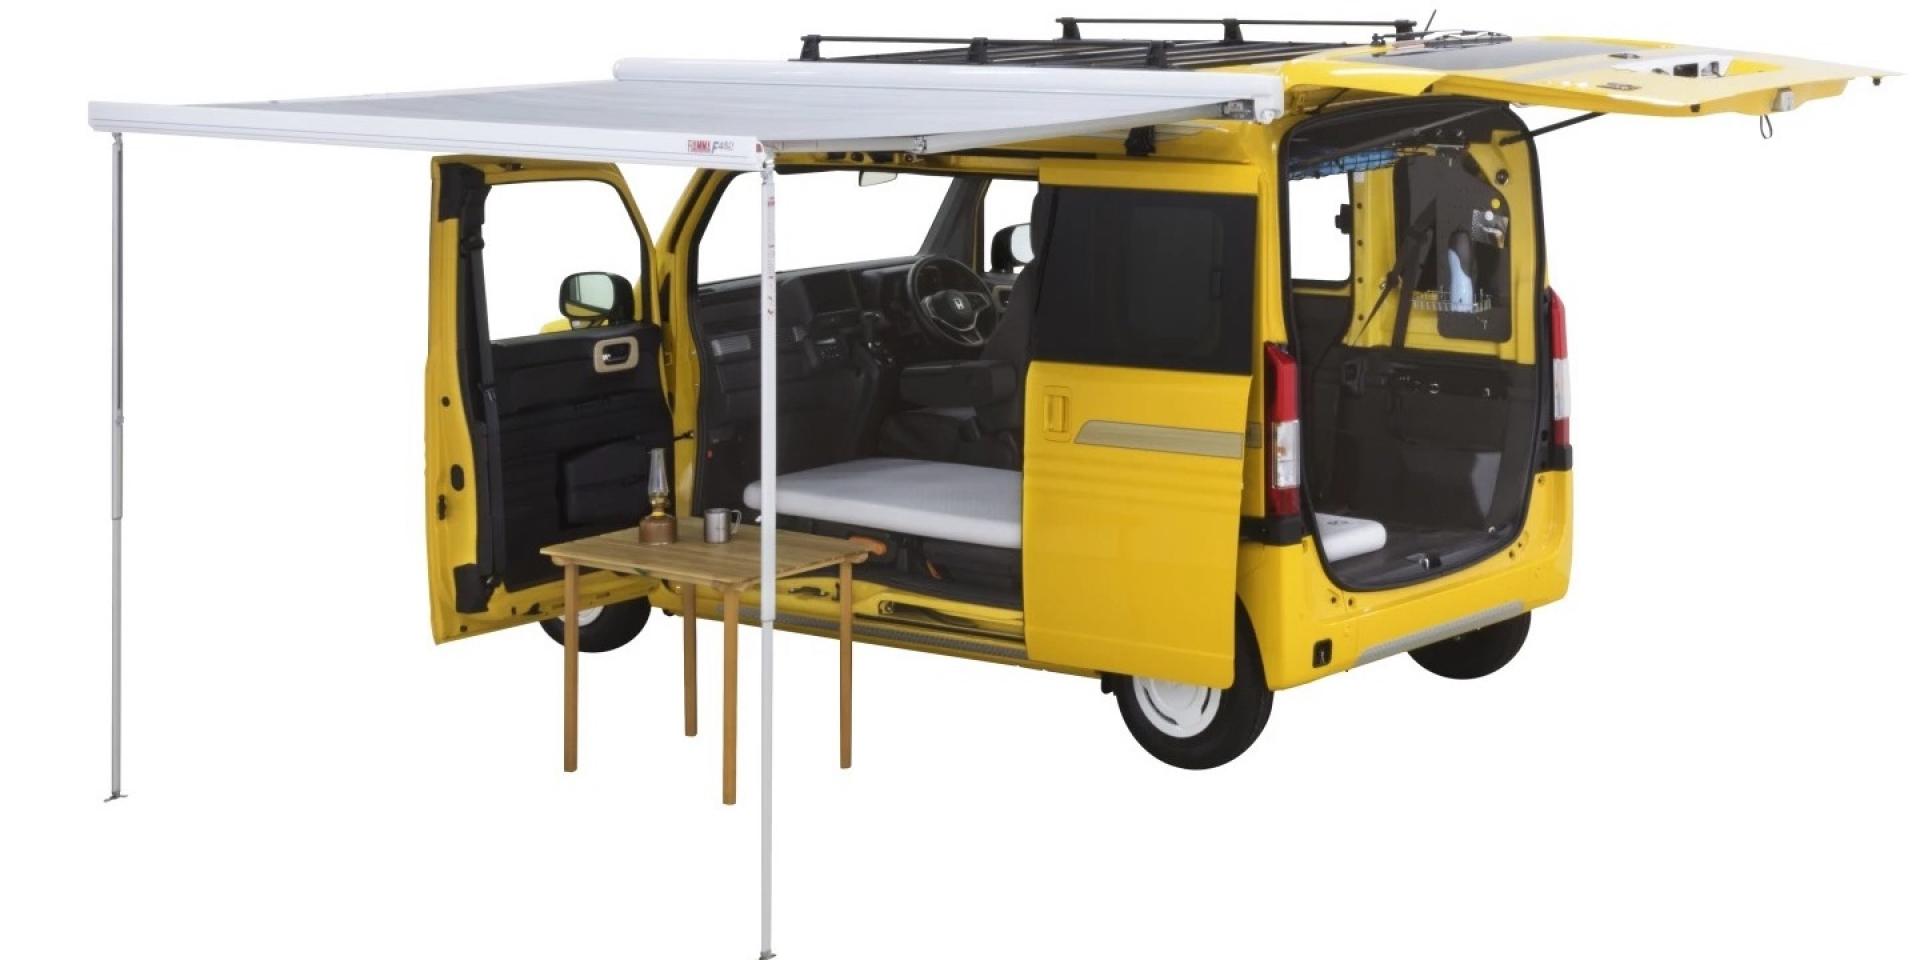 單身狗的專屬空間!Honda N-Van微型單人露營車讓你孤獨ㄧ生!